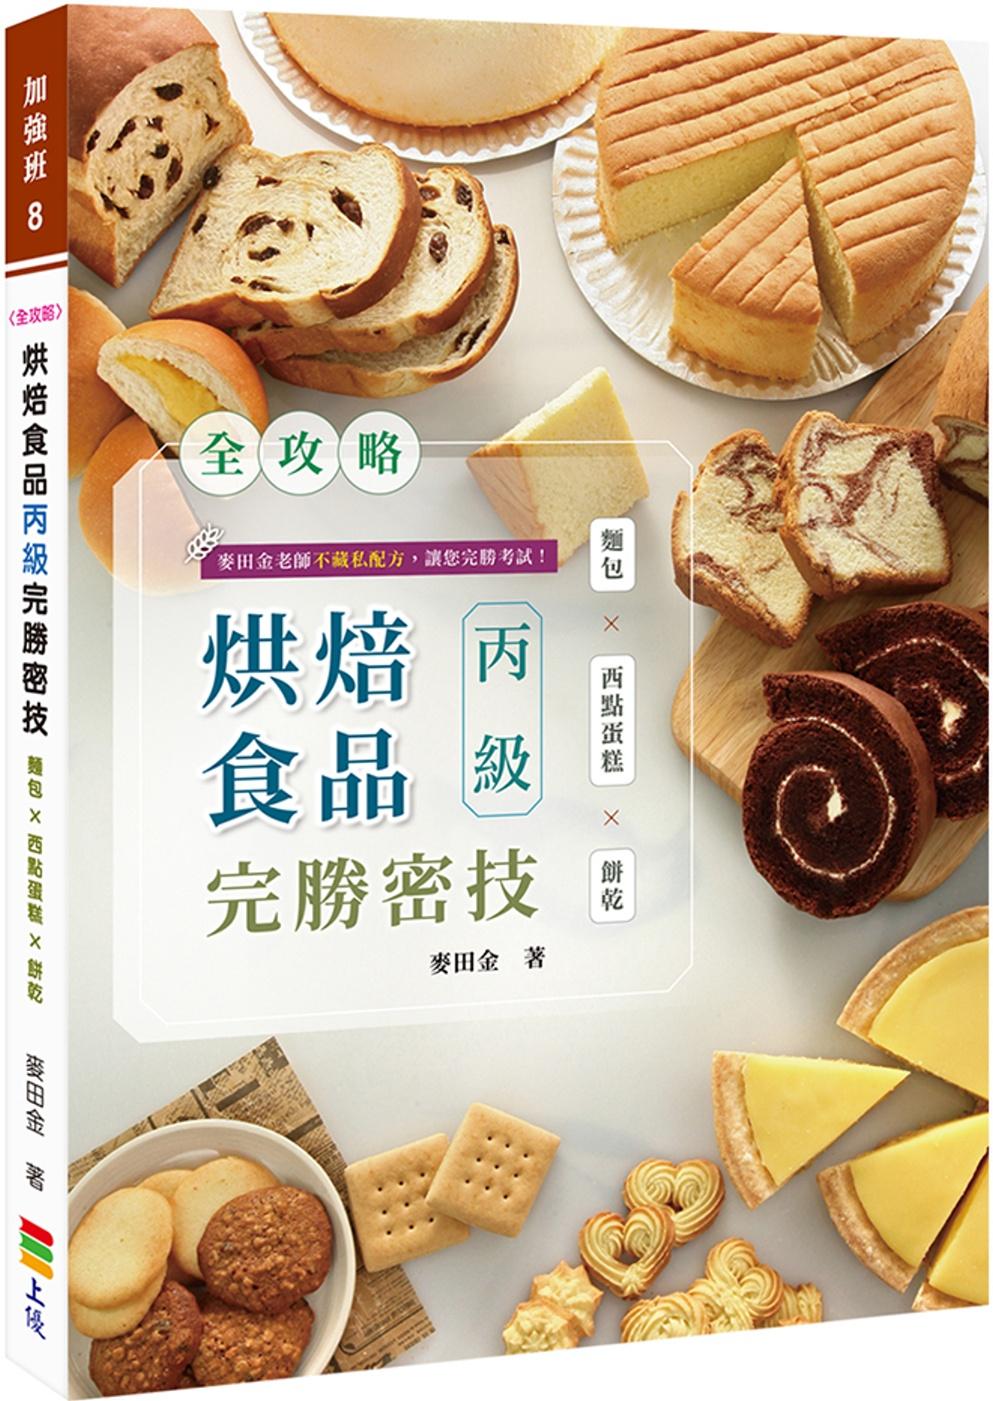 全攻略 烘焙食品丙級完勝密技(親簽版+獨家贈品)